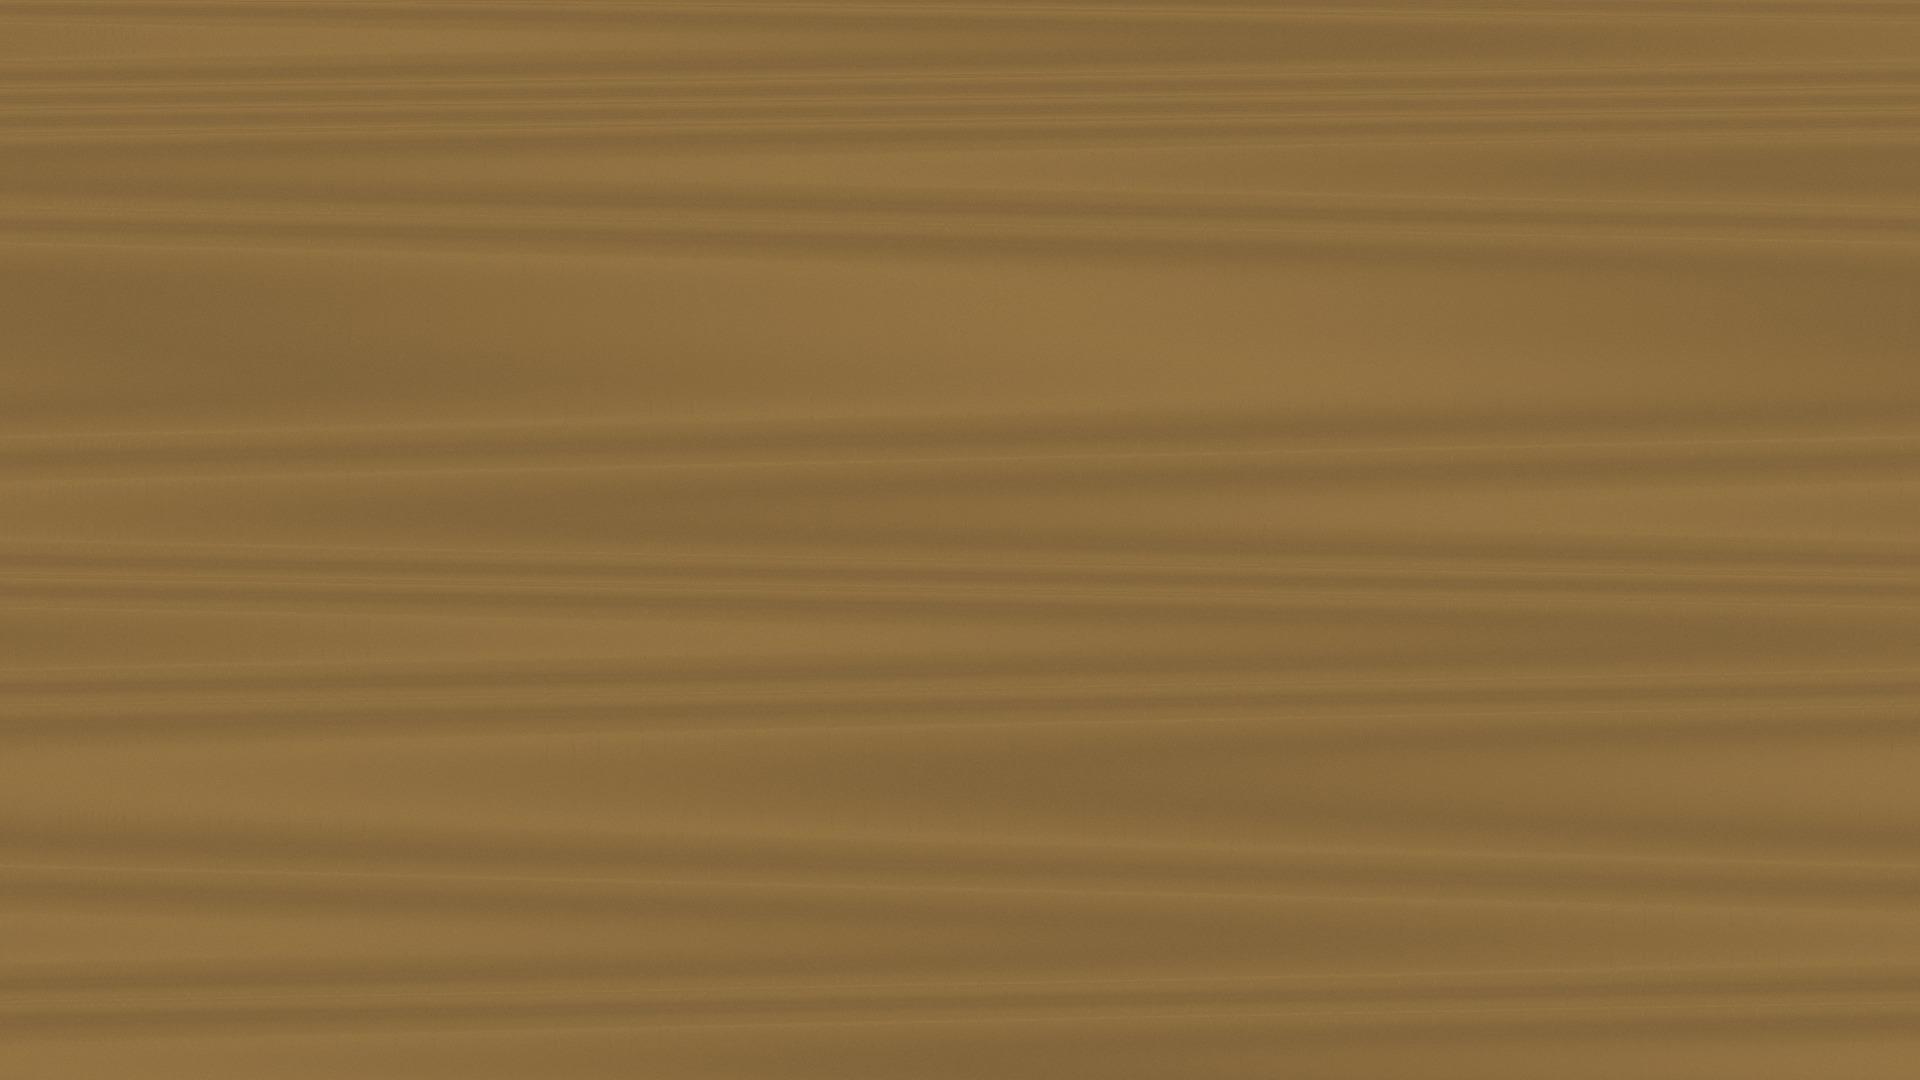 木目模様 壁紙背景画像_mokume2